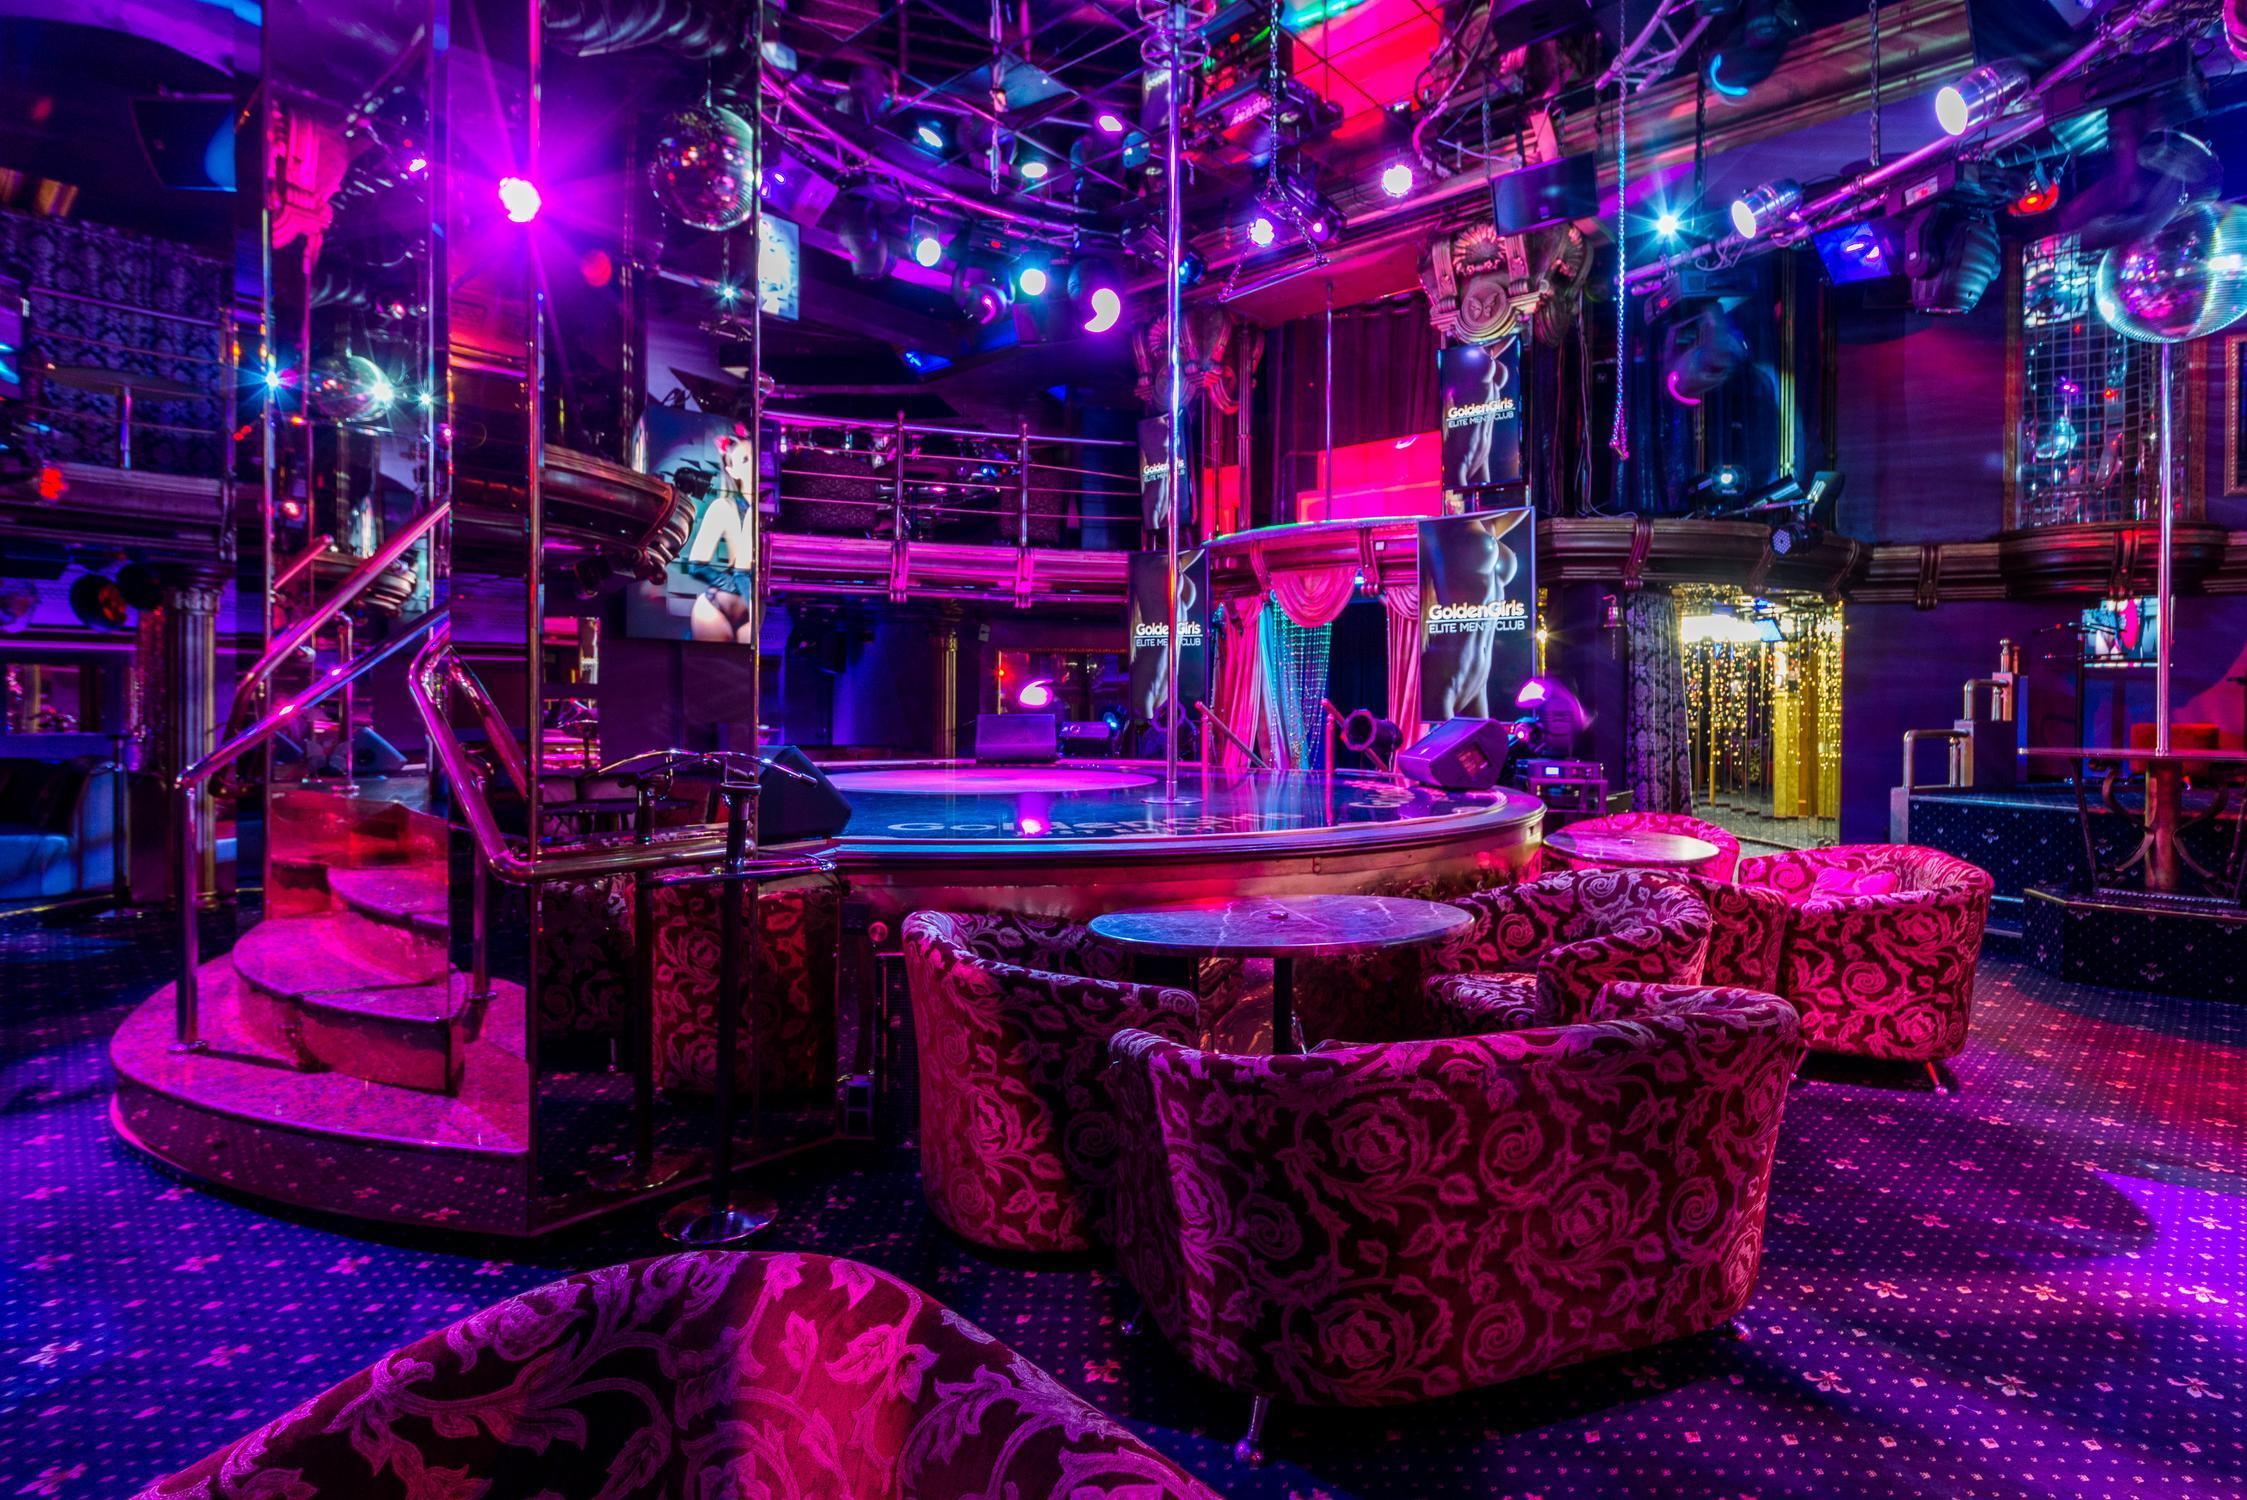 Клуб golden girls москва отзывы ночной киров клубы